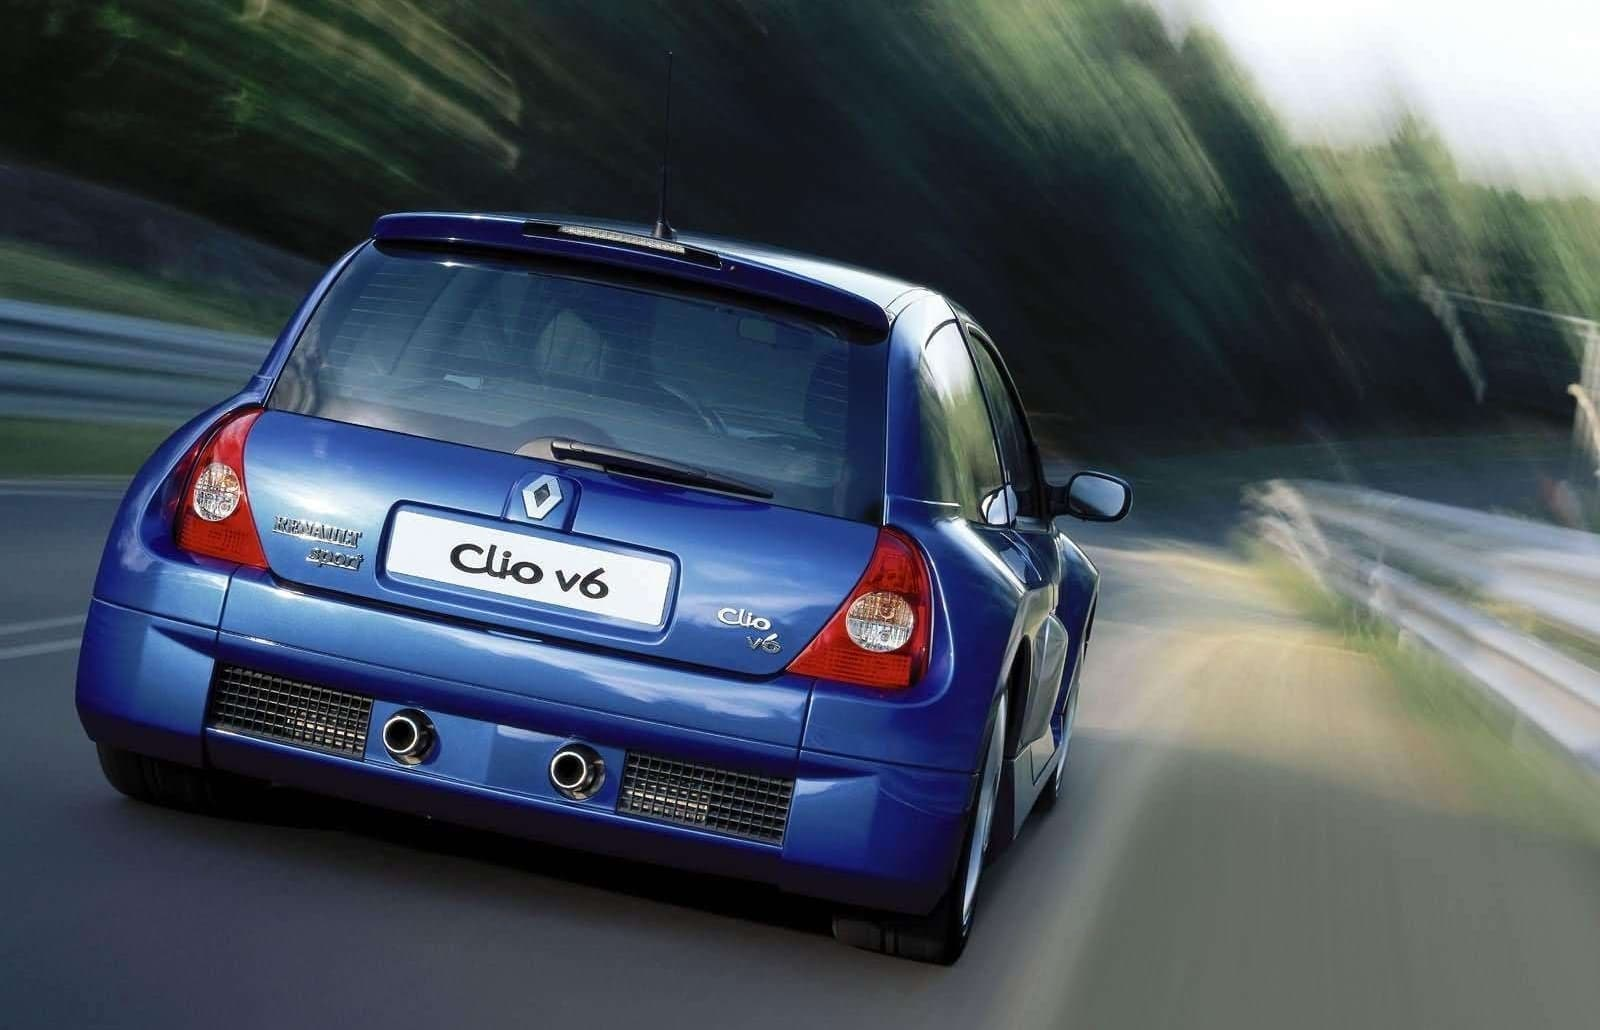 Renault Clio V6 Porsche 1018 001